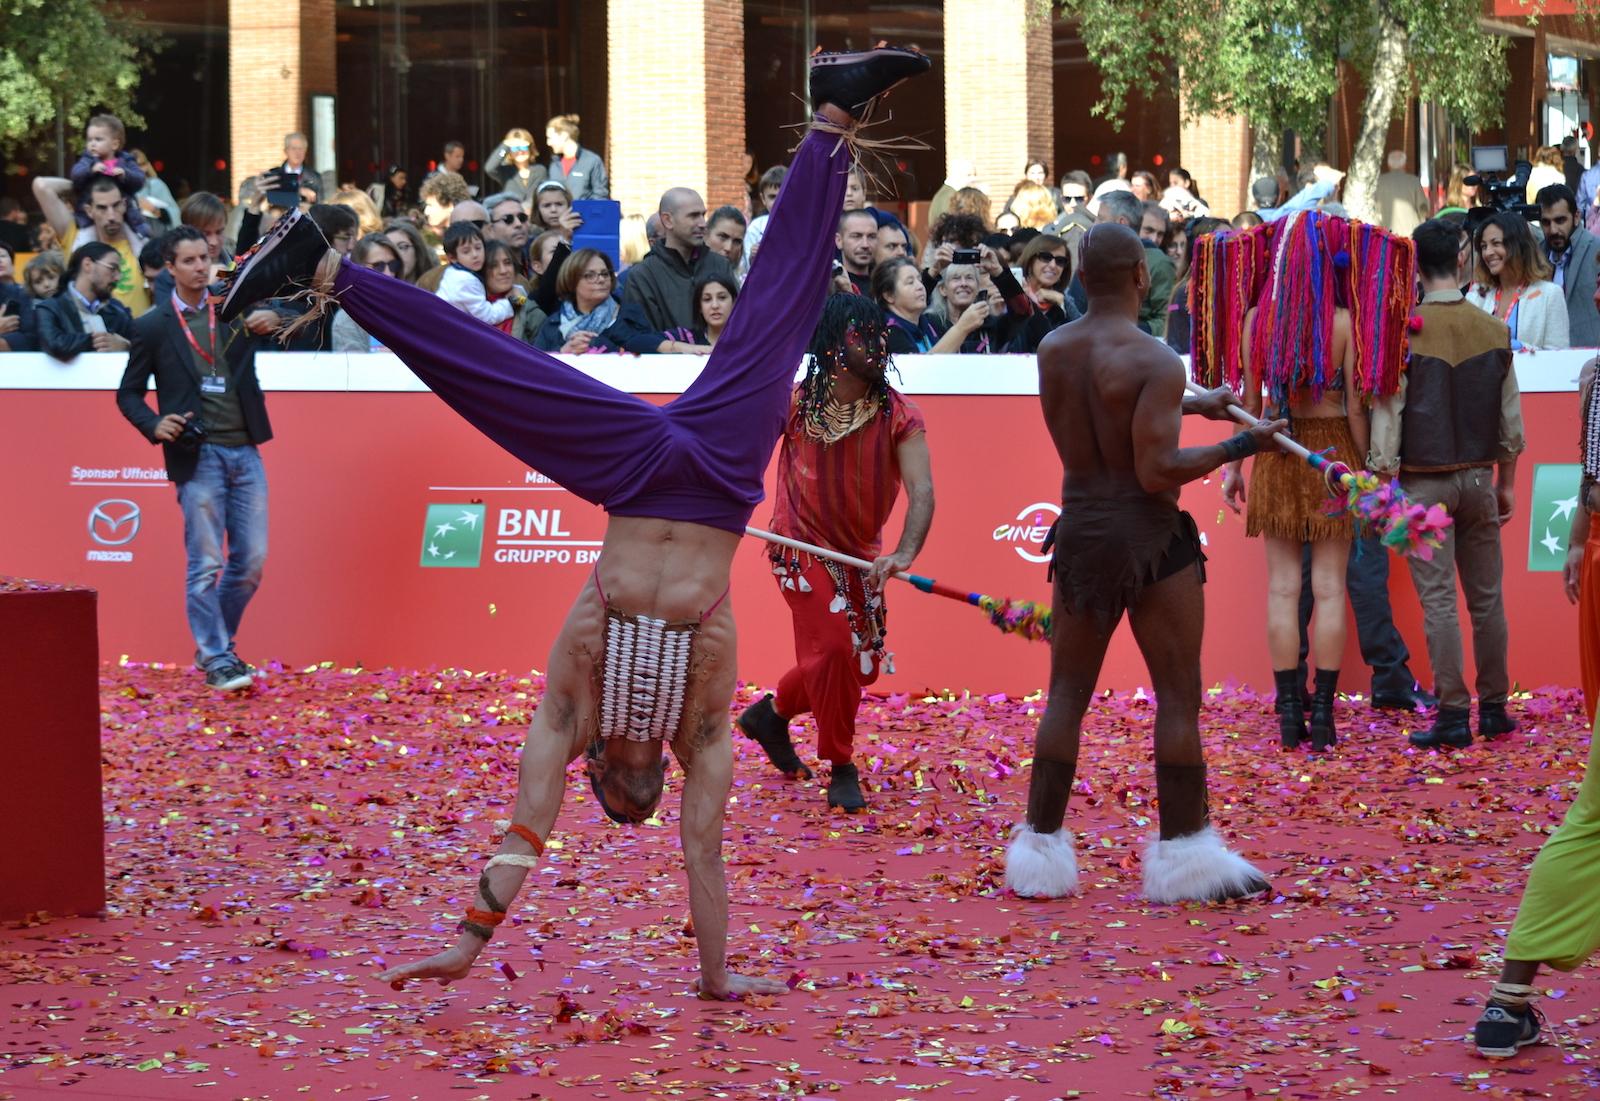 Roma 2015: un acrobata si esibisce sul red carpet di Pan - Viaggio sull'isola che non c'è